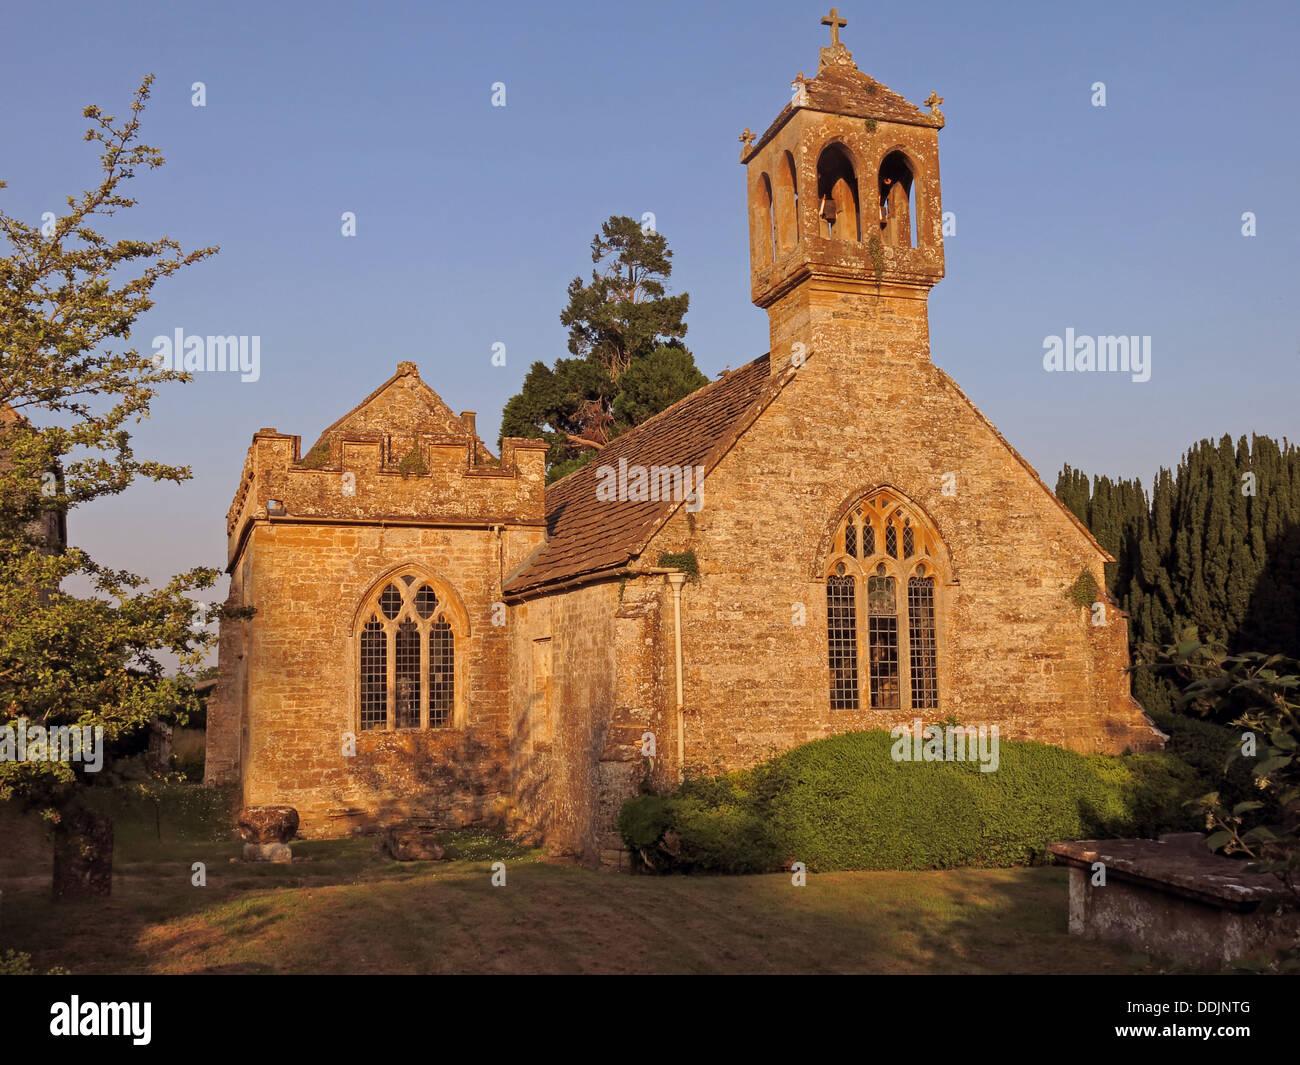 Laden Sie dieses Alamy Stockfoto Kapelle am Brympton d'Evercy, Yeovil, Somerset, England, Großbritannien - DDJNTG